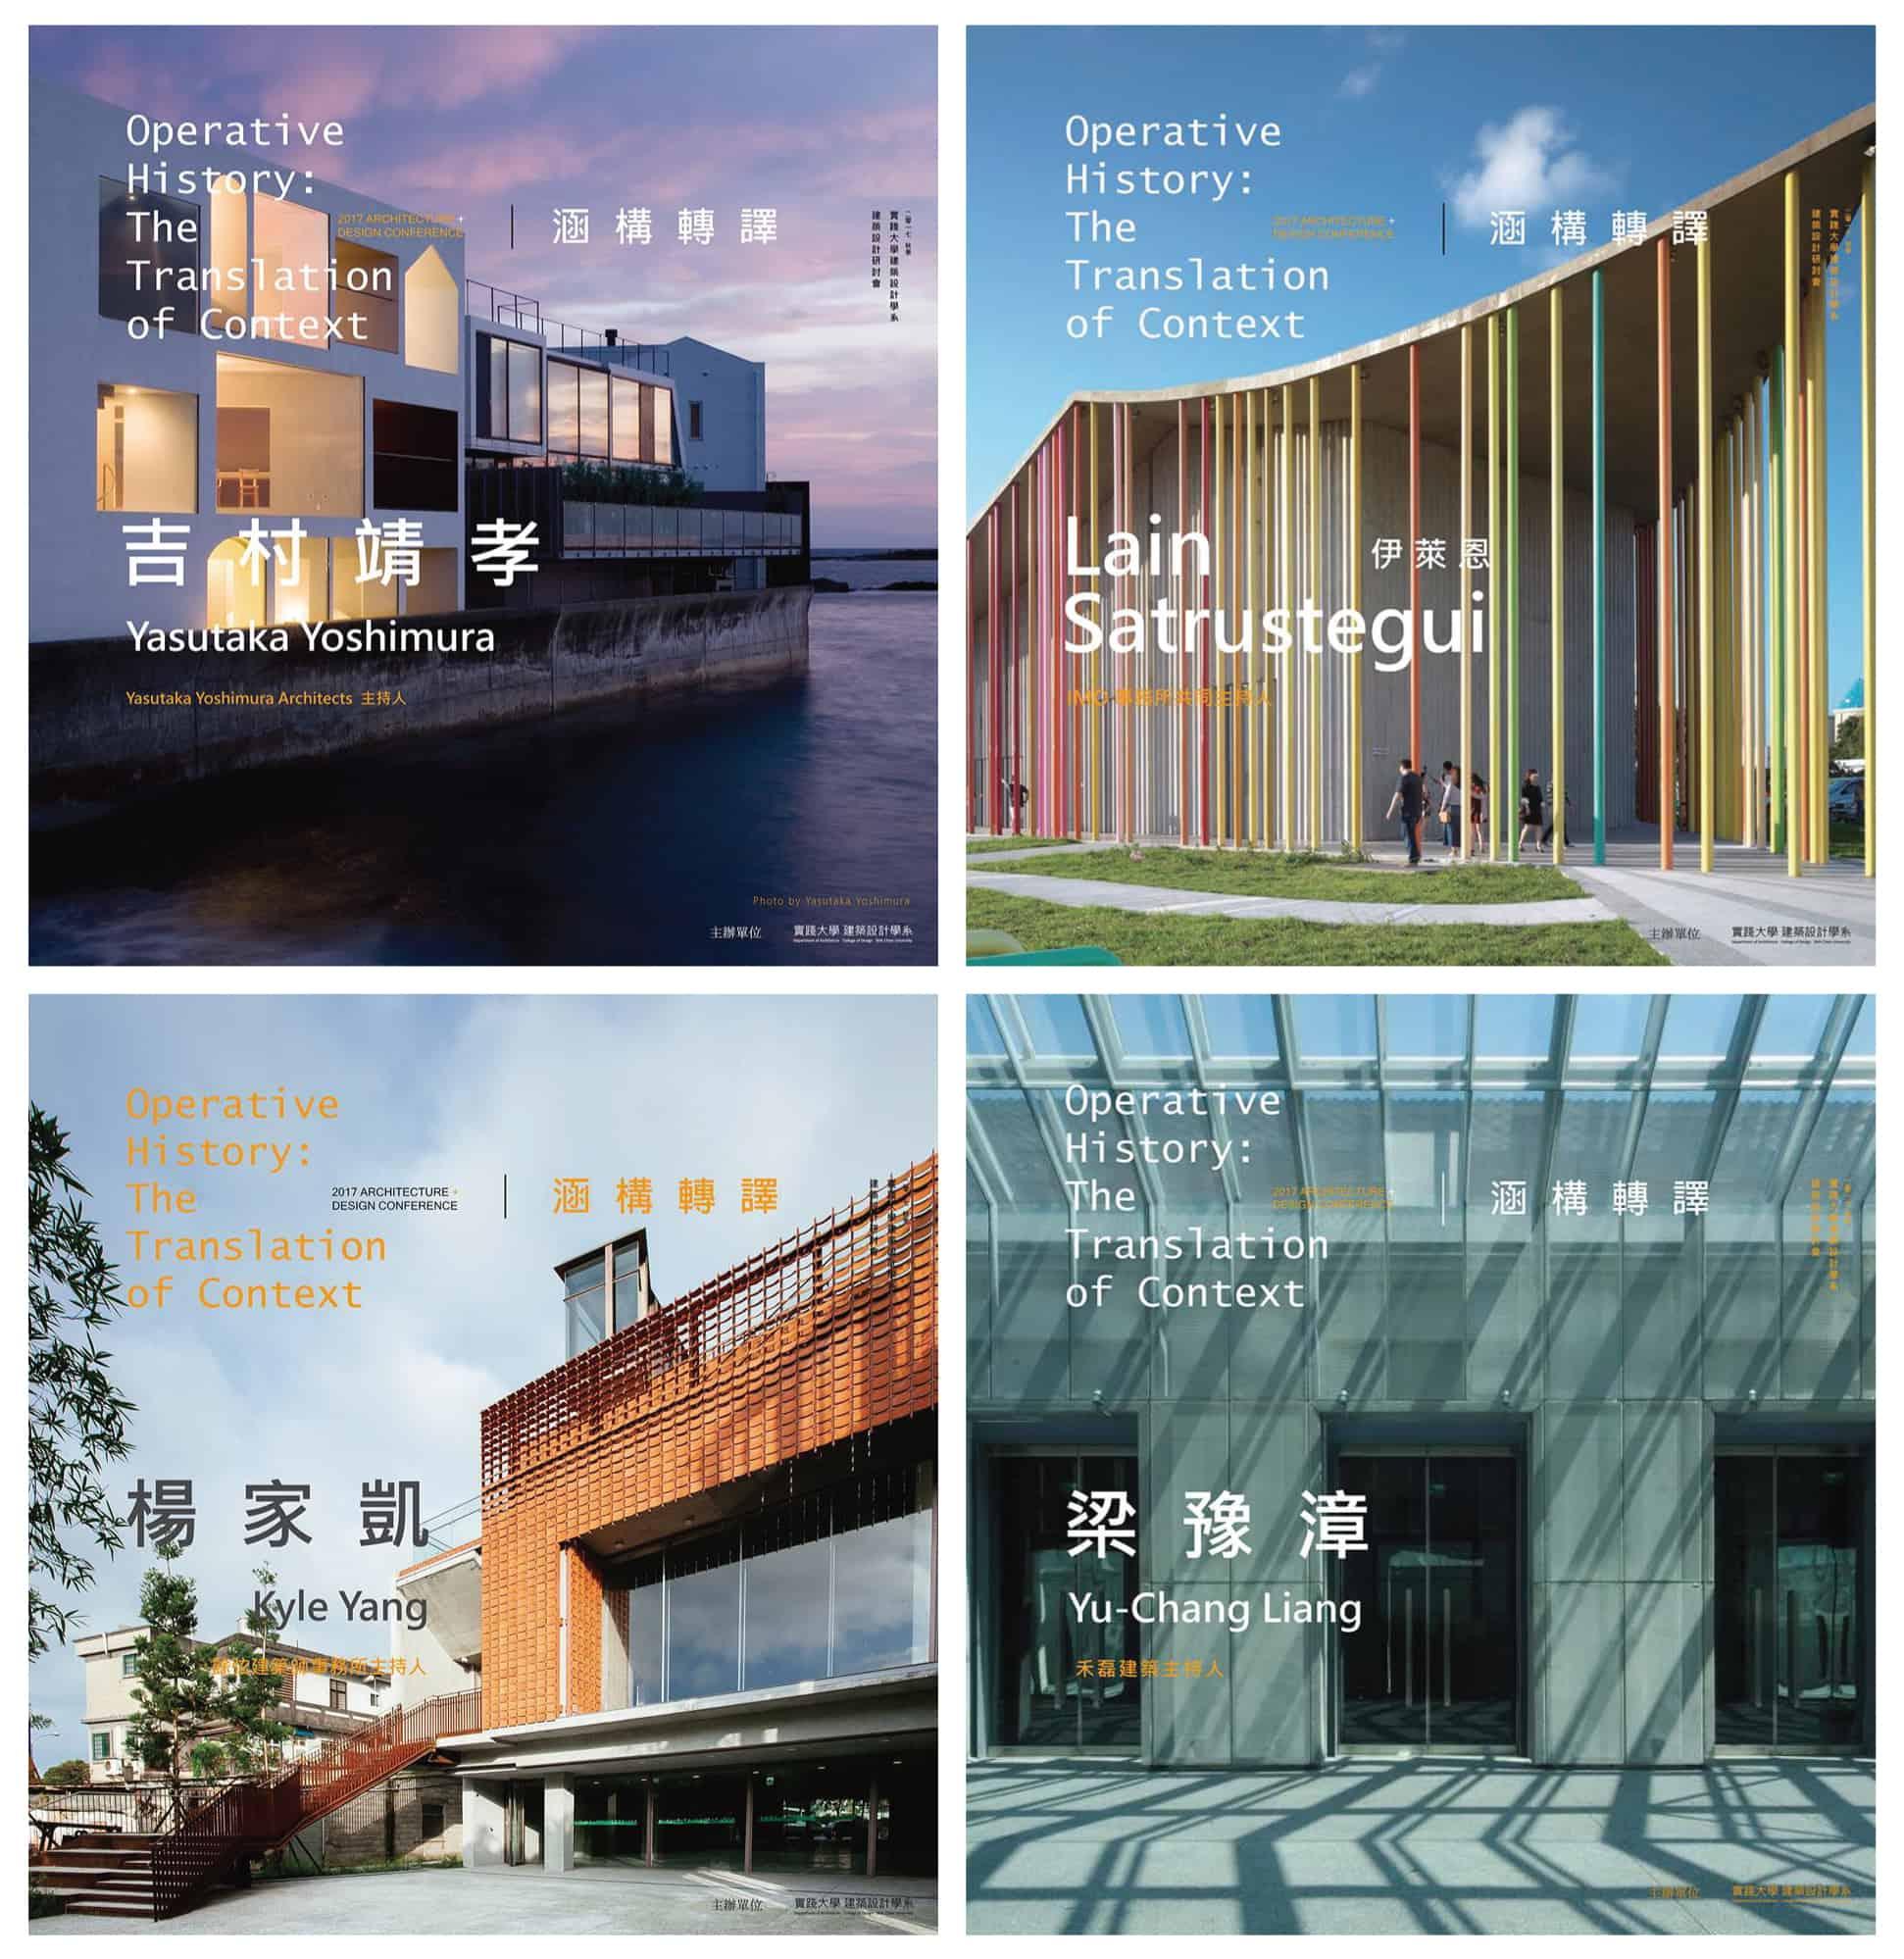 實踐大學建築設計研討會